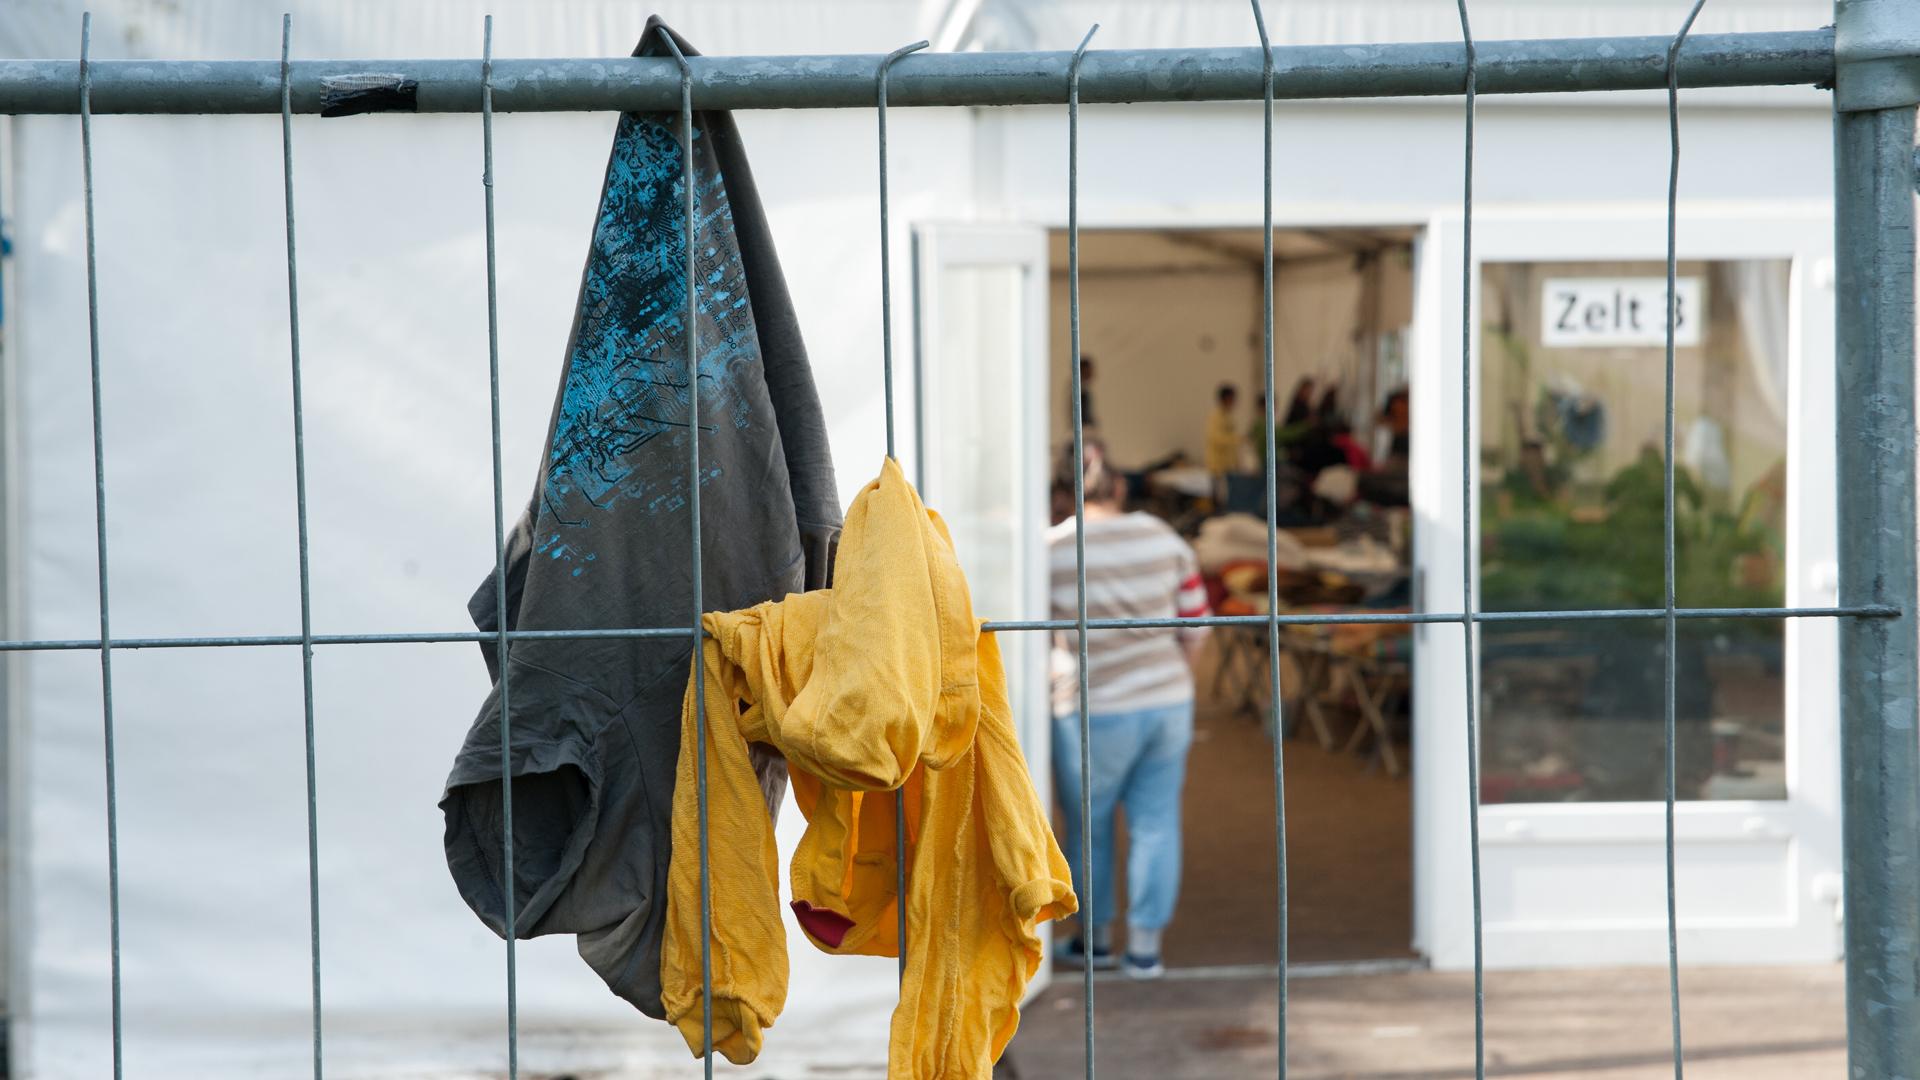 Die Medien in Deutschland zeichneten ein widersprüchliches Bild von der Flüchtlingskrise